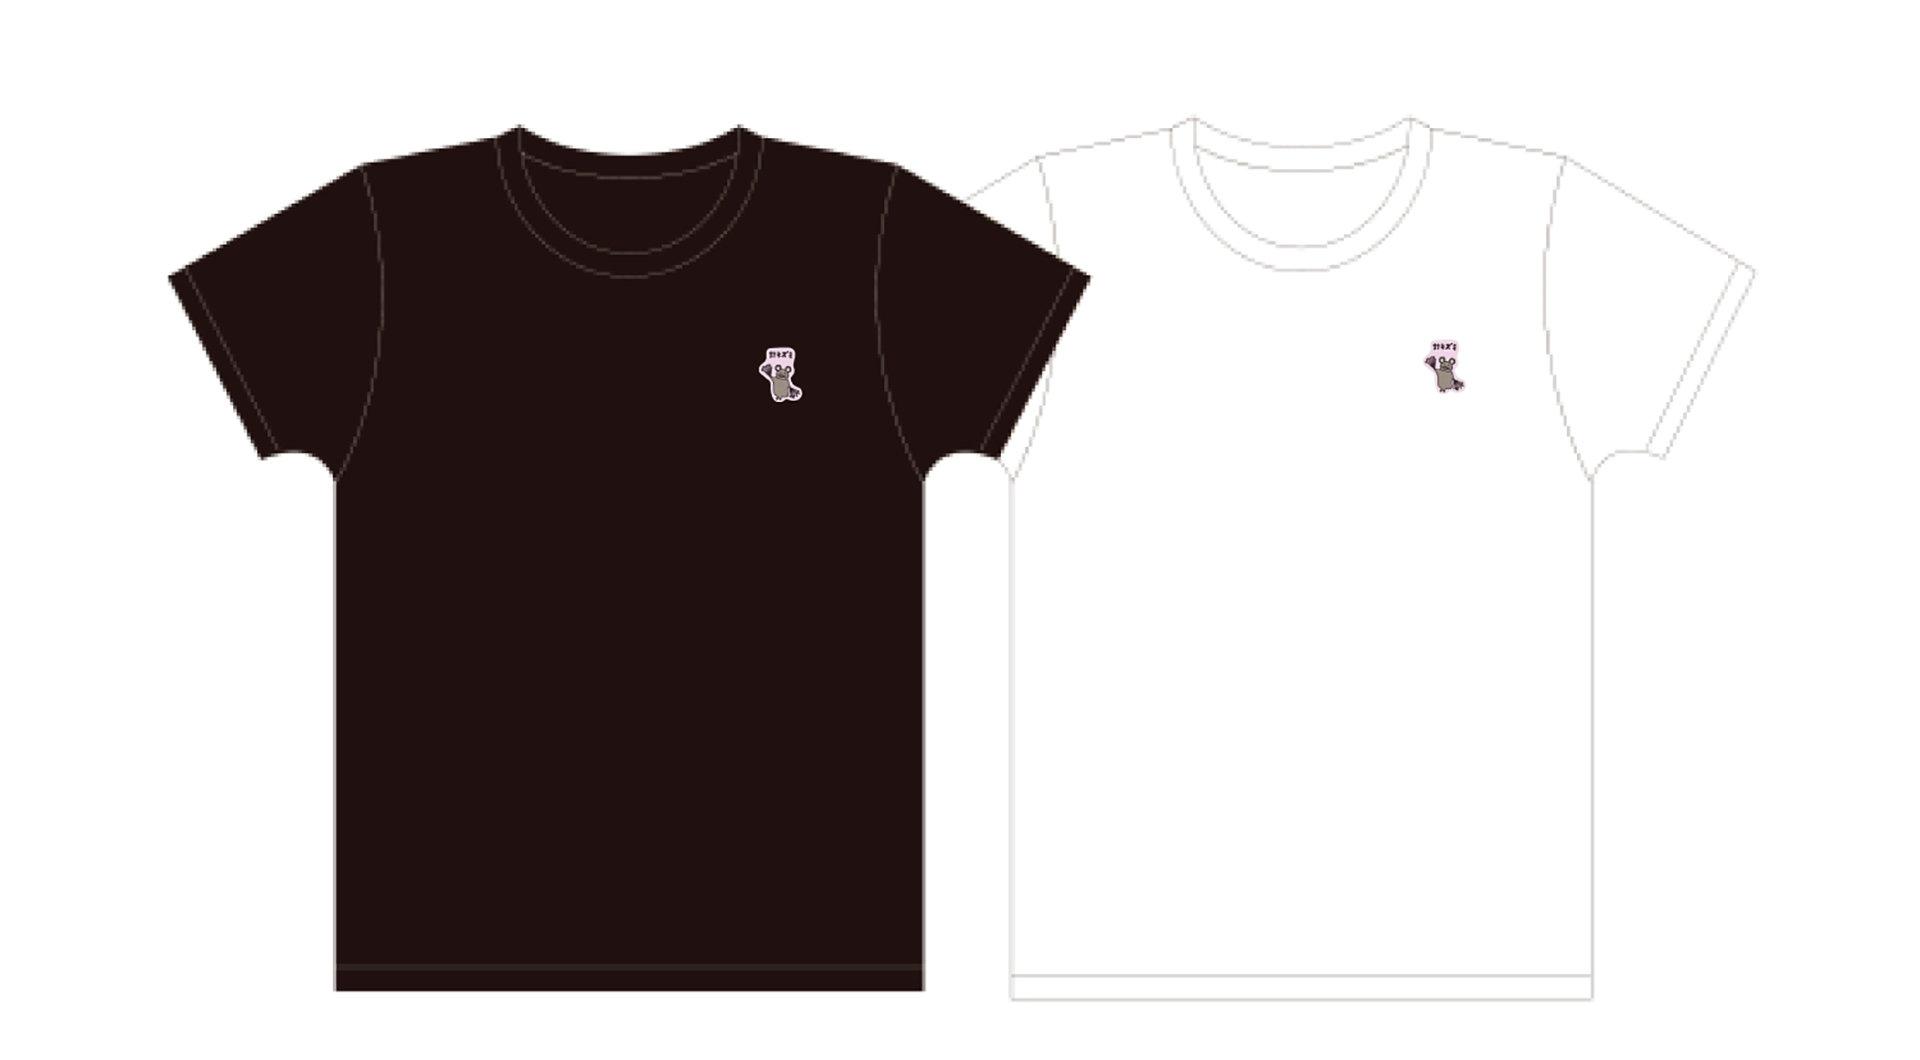 針ネズミ 刺繍Tシャツ(黒/白) 各¥5,300